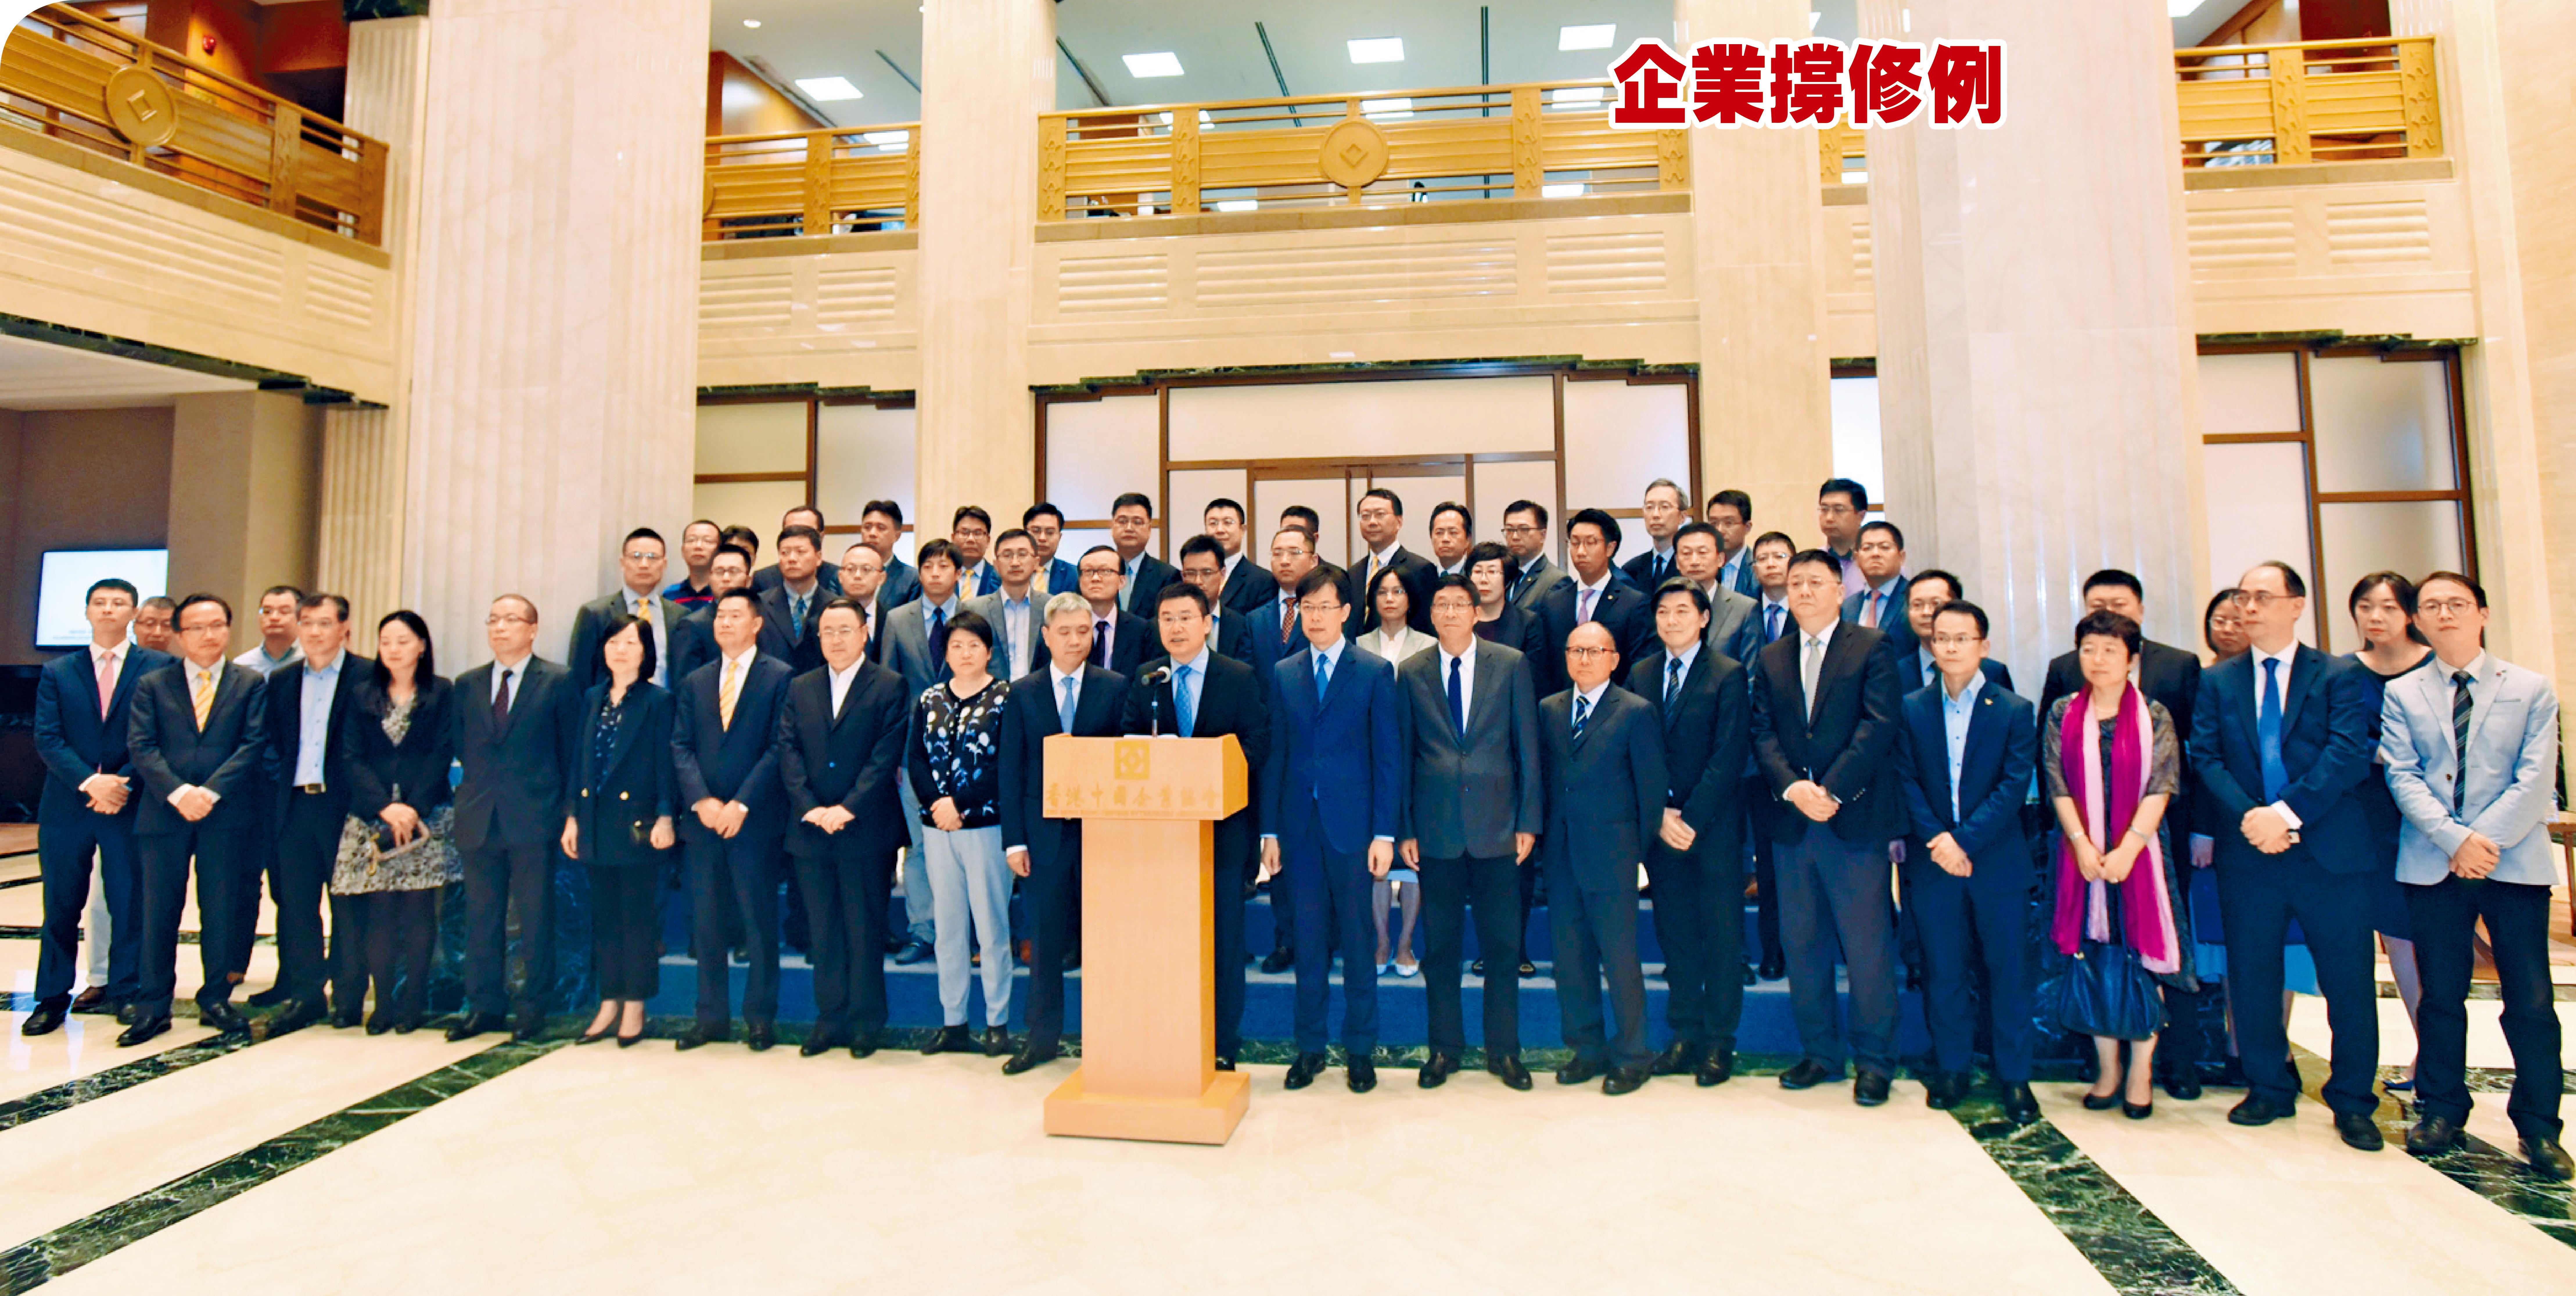 四大中資企業協會支持政府修例。 徐裕民攝